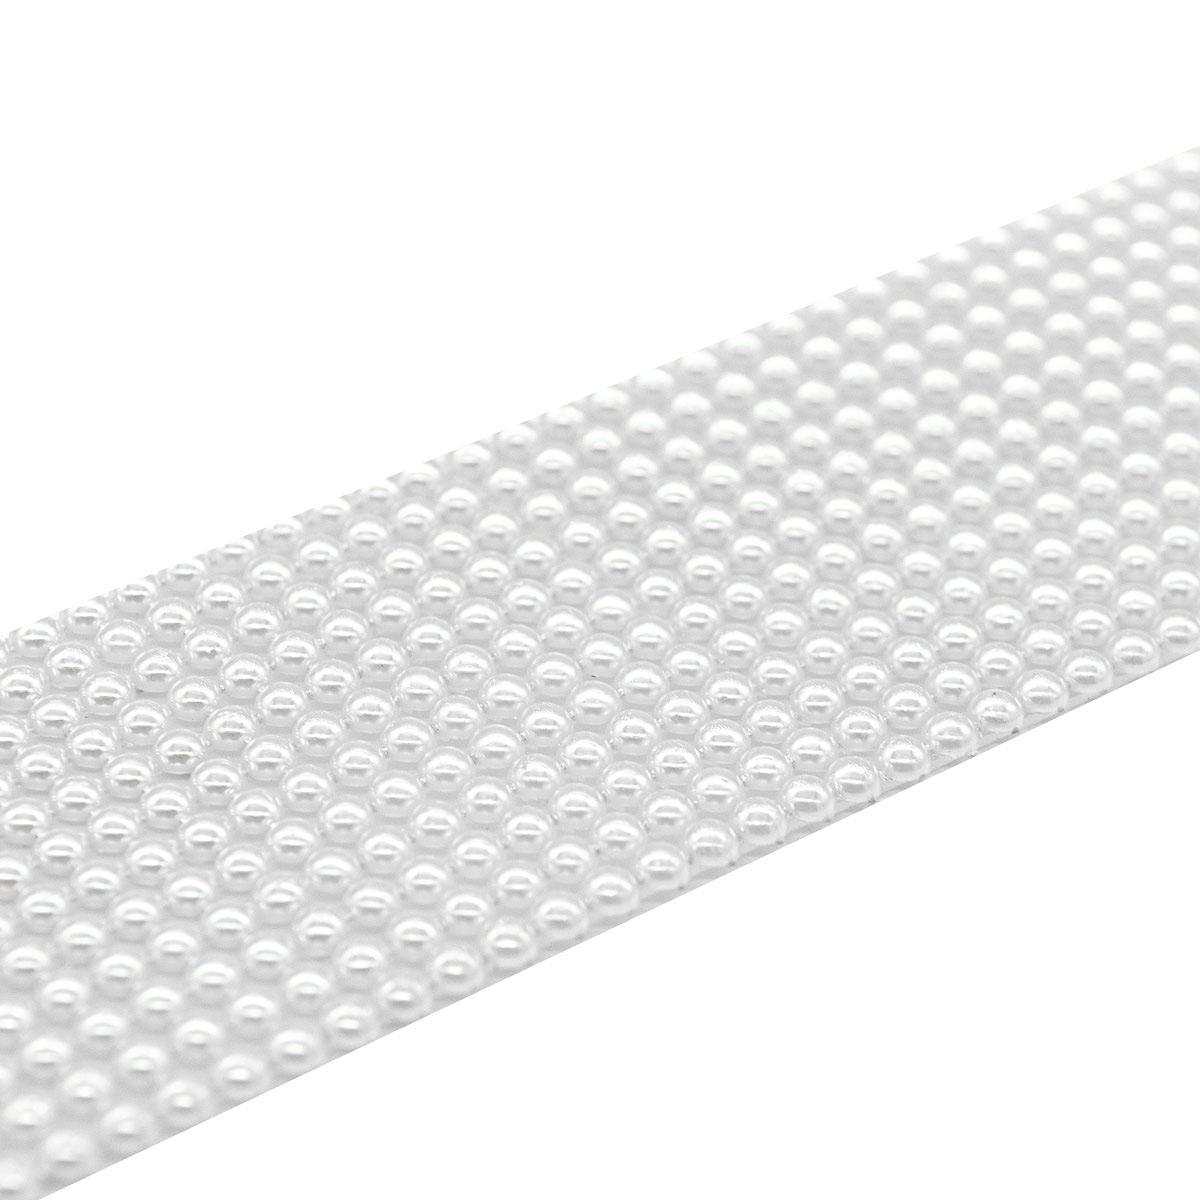 4AR016 Полотно из жемчужных полубусин 4мм термоклеевое, цв. белый, 5*25см